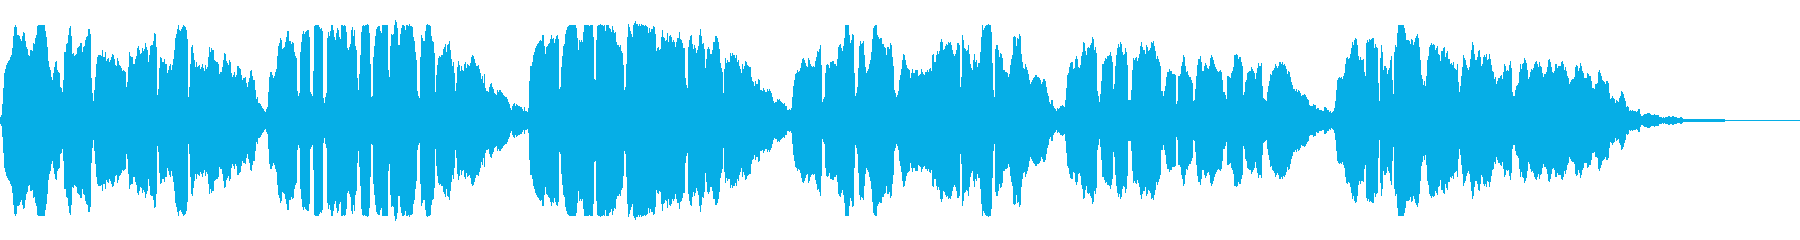 アコーディオンソロの「かごめかごめ」の再生済みの波形